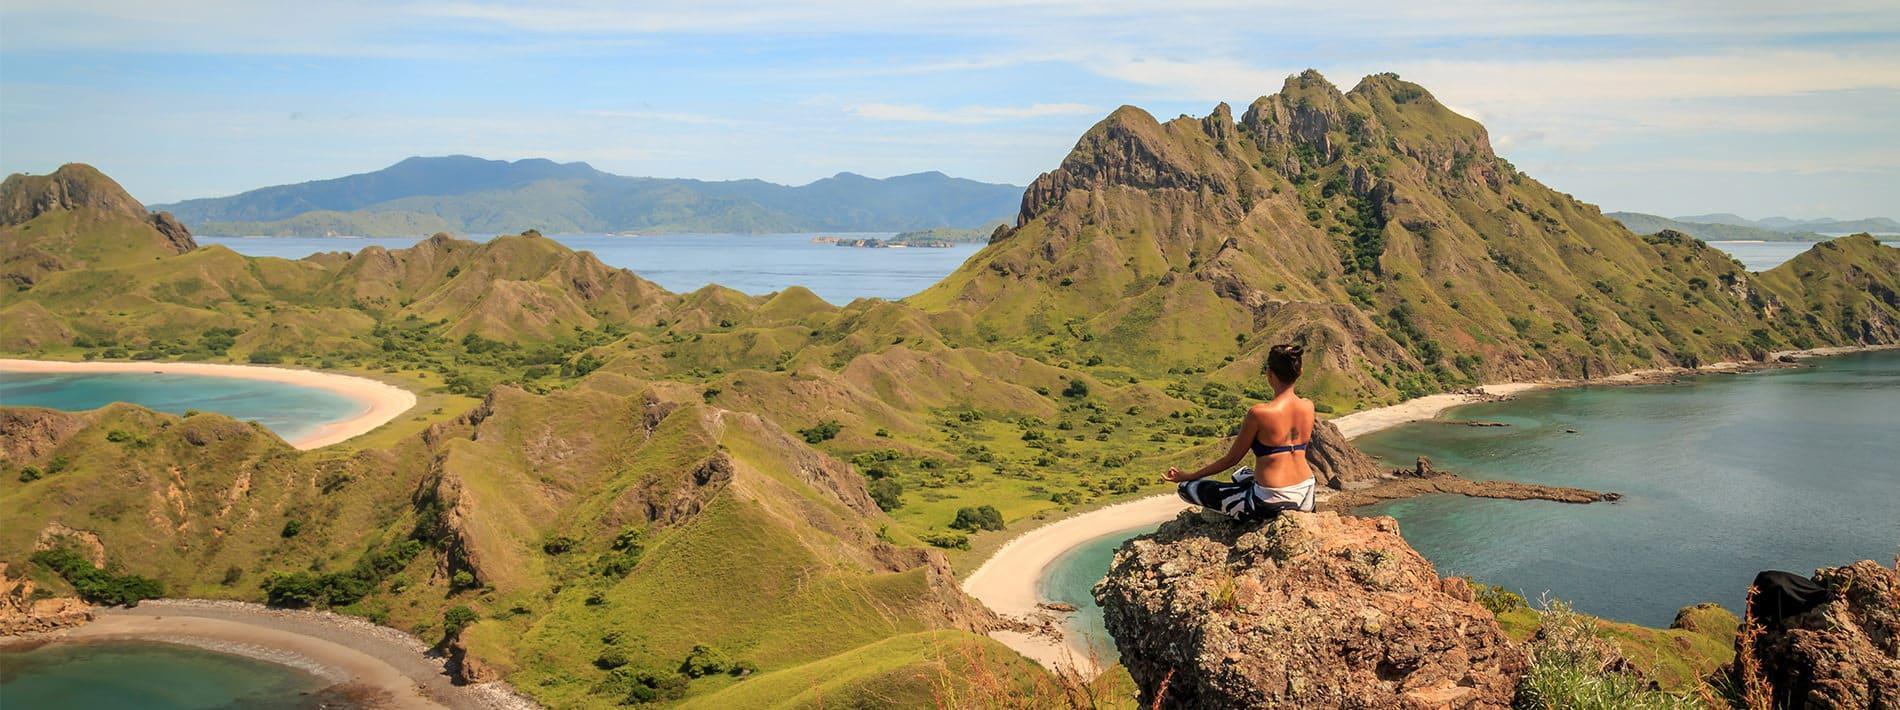 Padar Island Komodo Natinal Park Yoga Pose Panorama